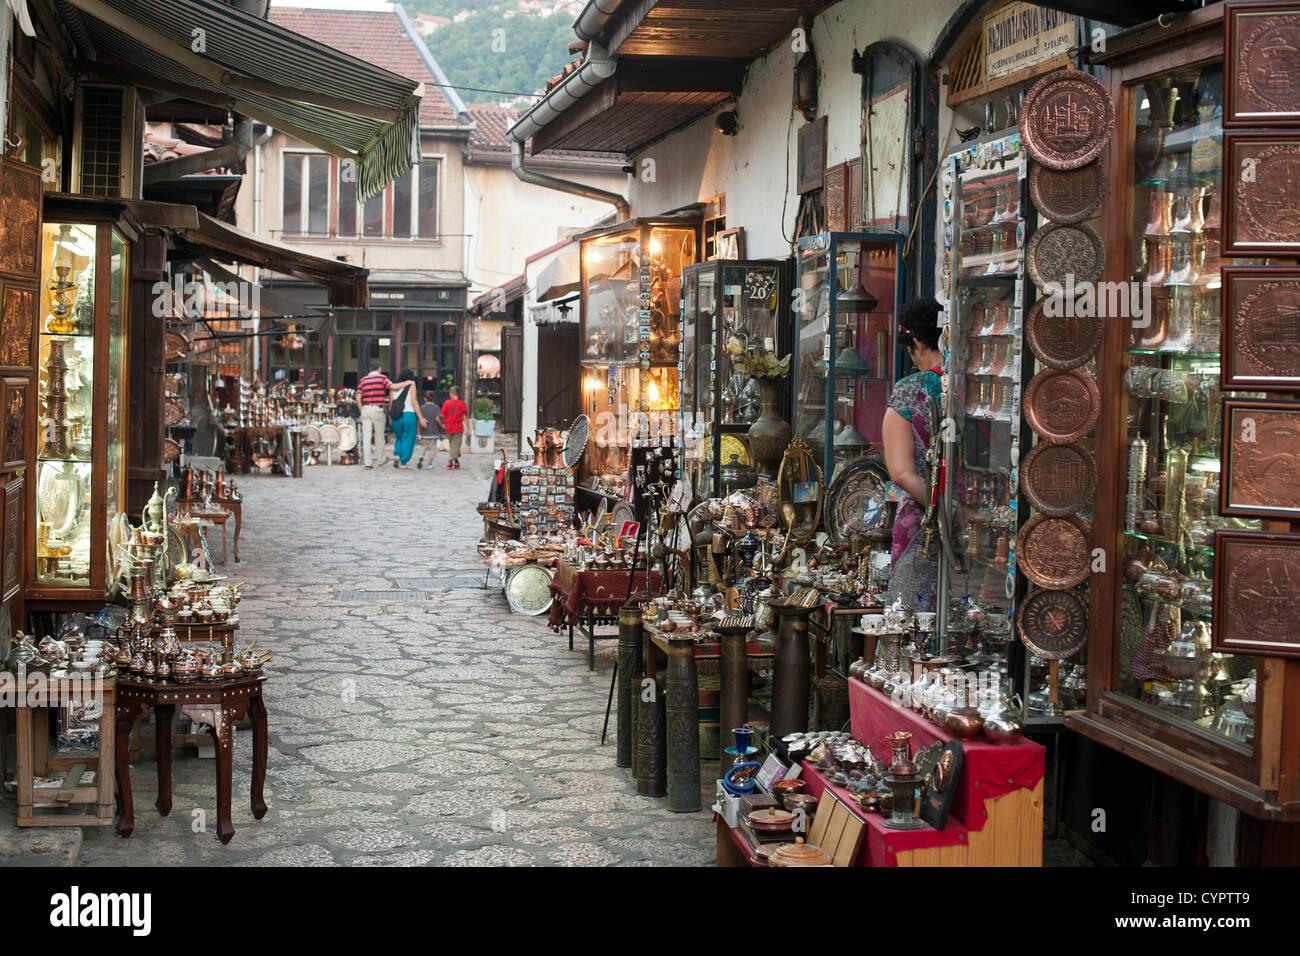 Stalls and shops in the side streets of the Baščaršija (bazaar) in Sarajevo in Bosnia Herzegovina. - Stock Image